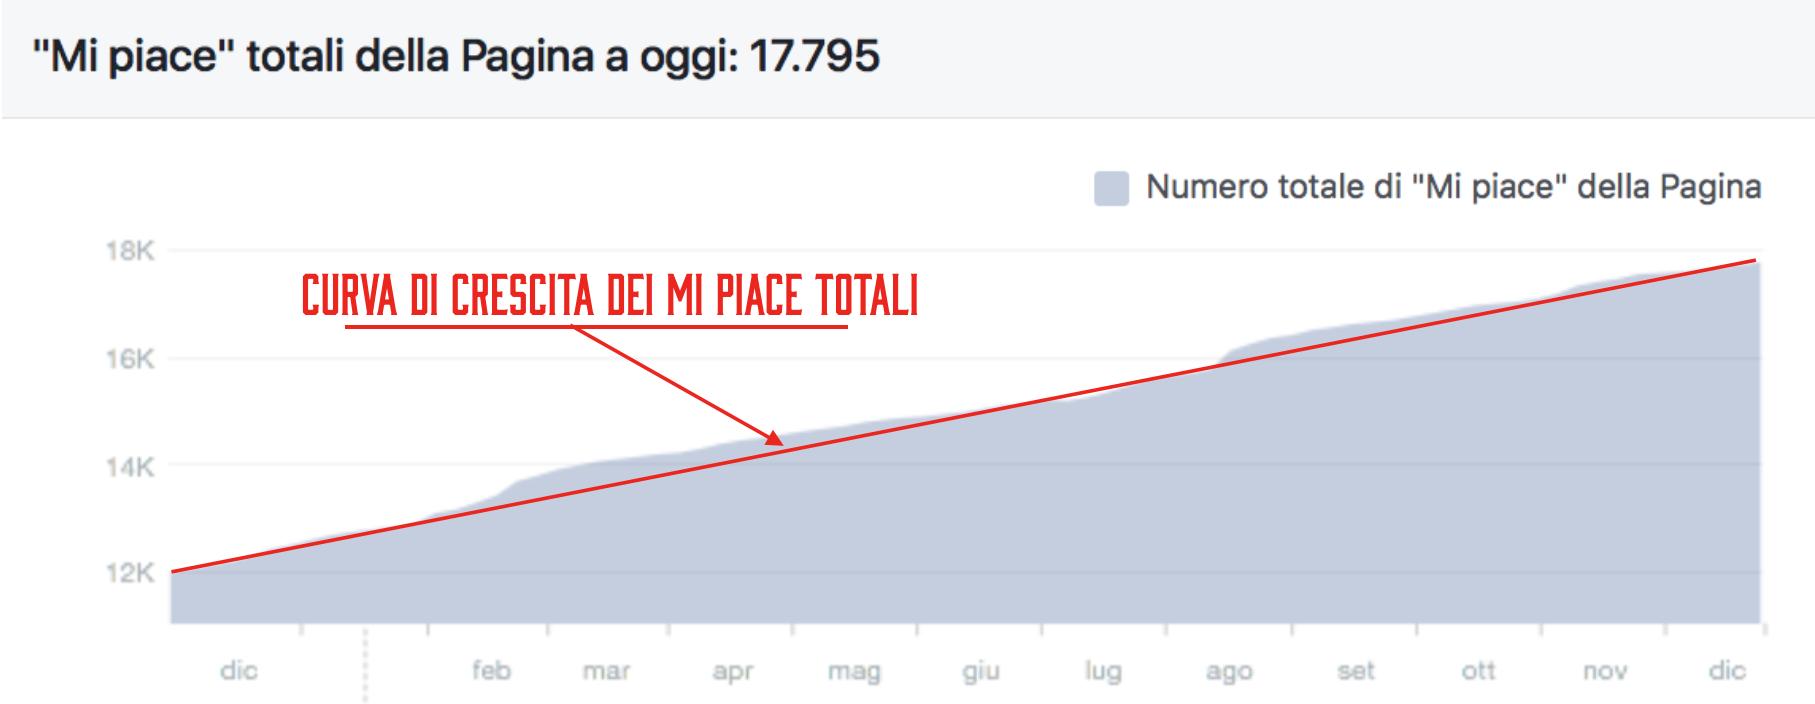 Dettaglio del Numero di fan della pagina Facebook - curva di crescita